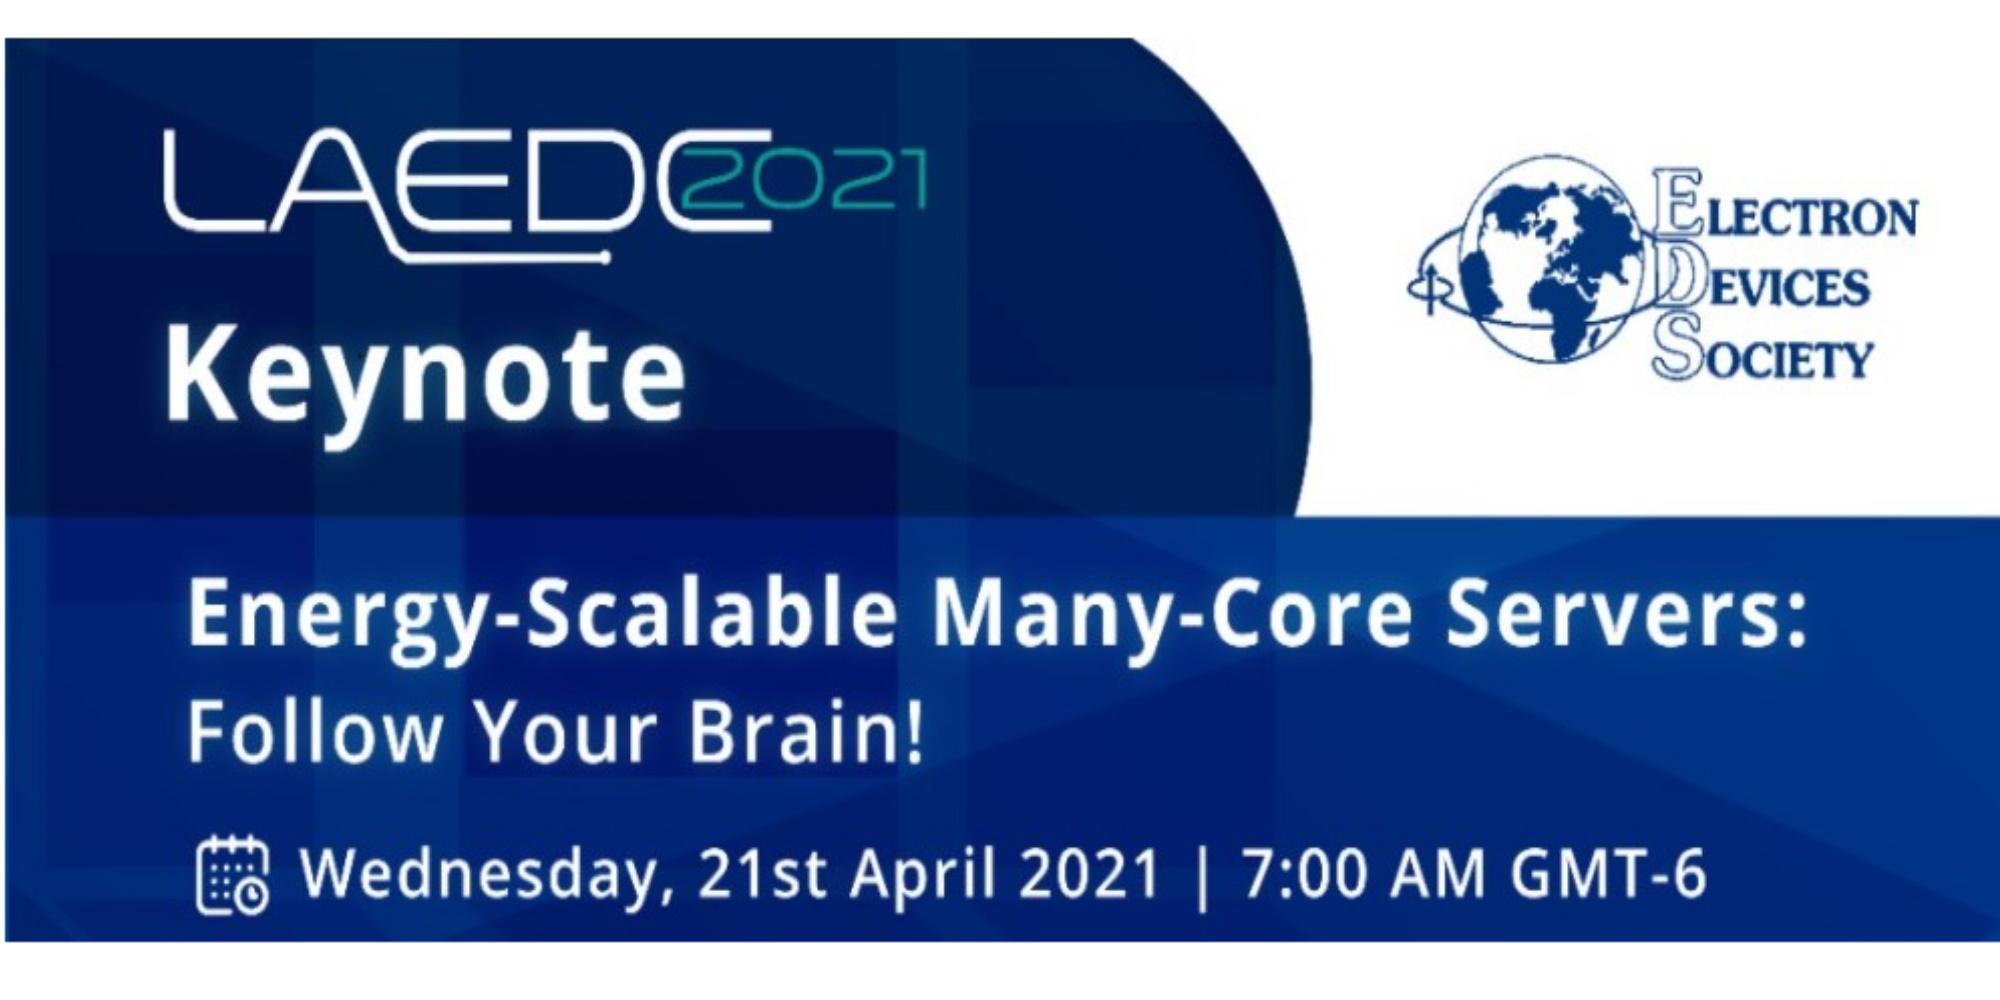 Keynote presentation at 2021 IEEE LAEDC